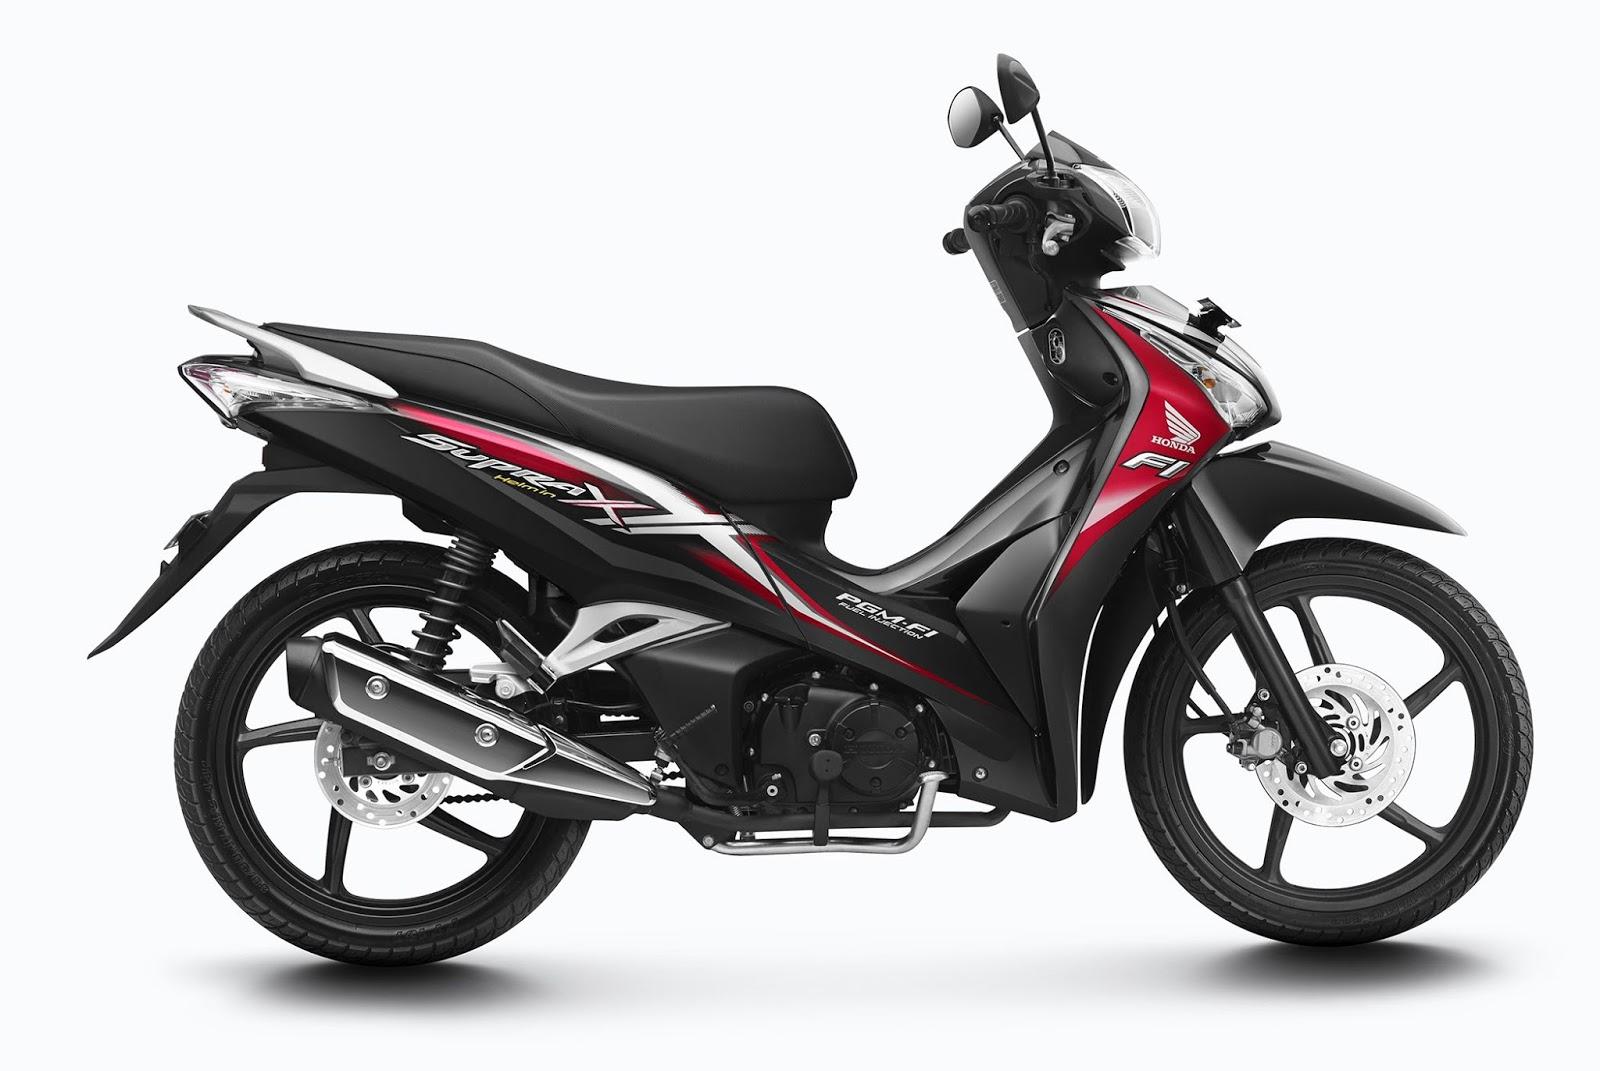 Honda Supra X 125 PGM - Fi